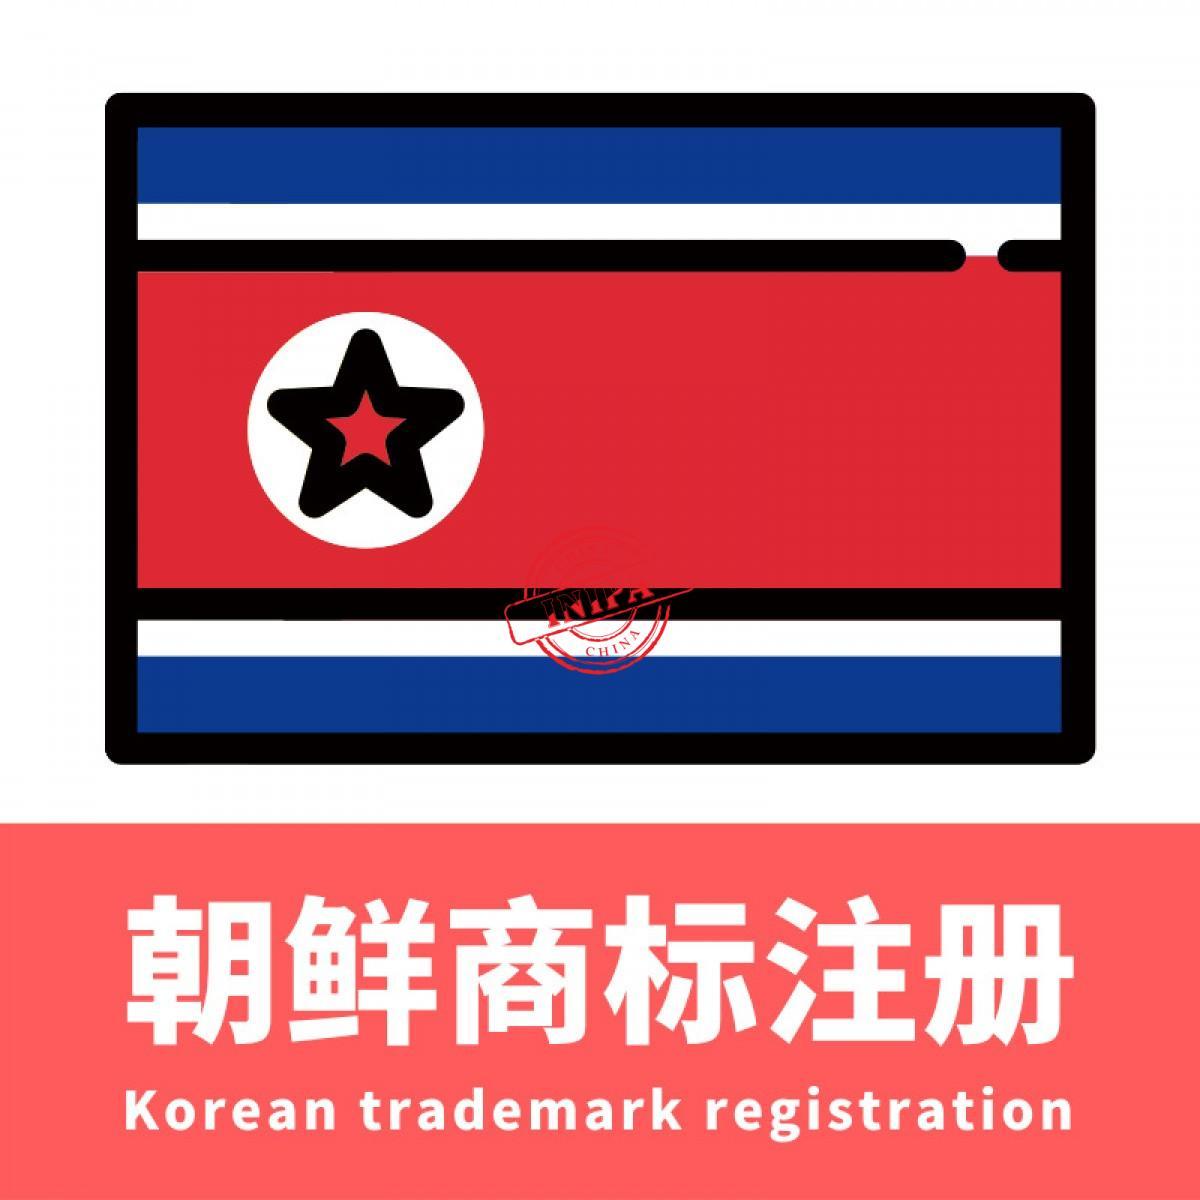 朝鲜商标注册 / Korean trademark registration